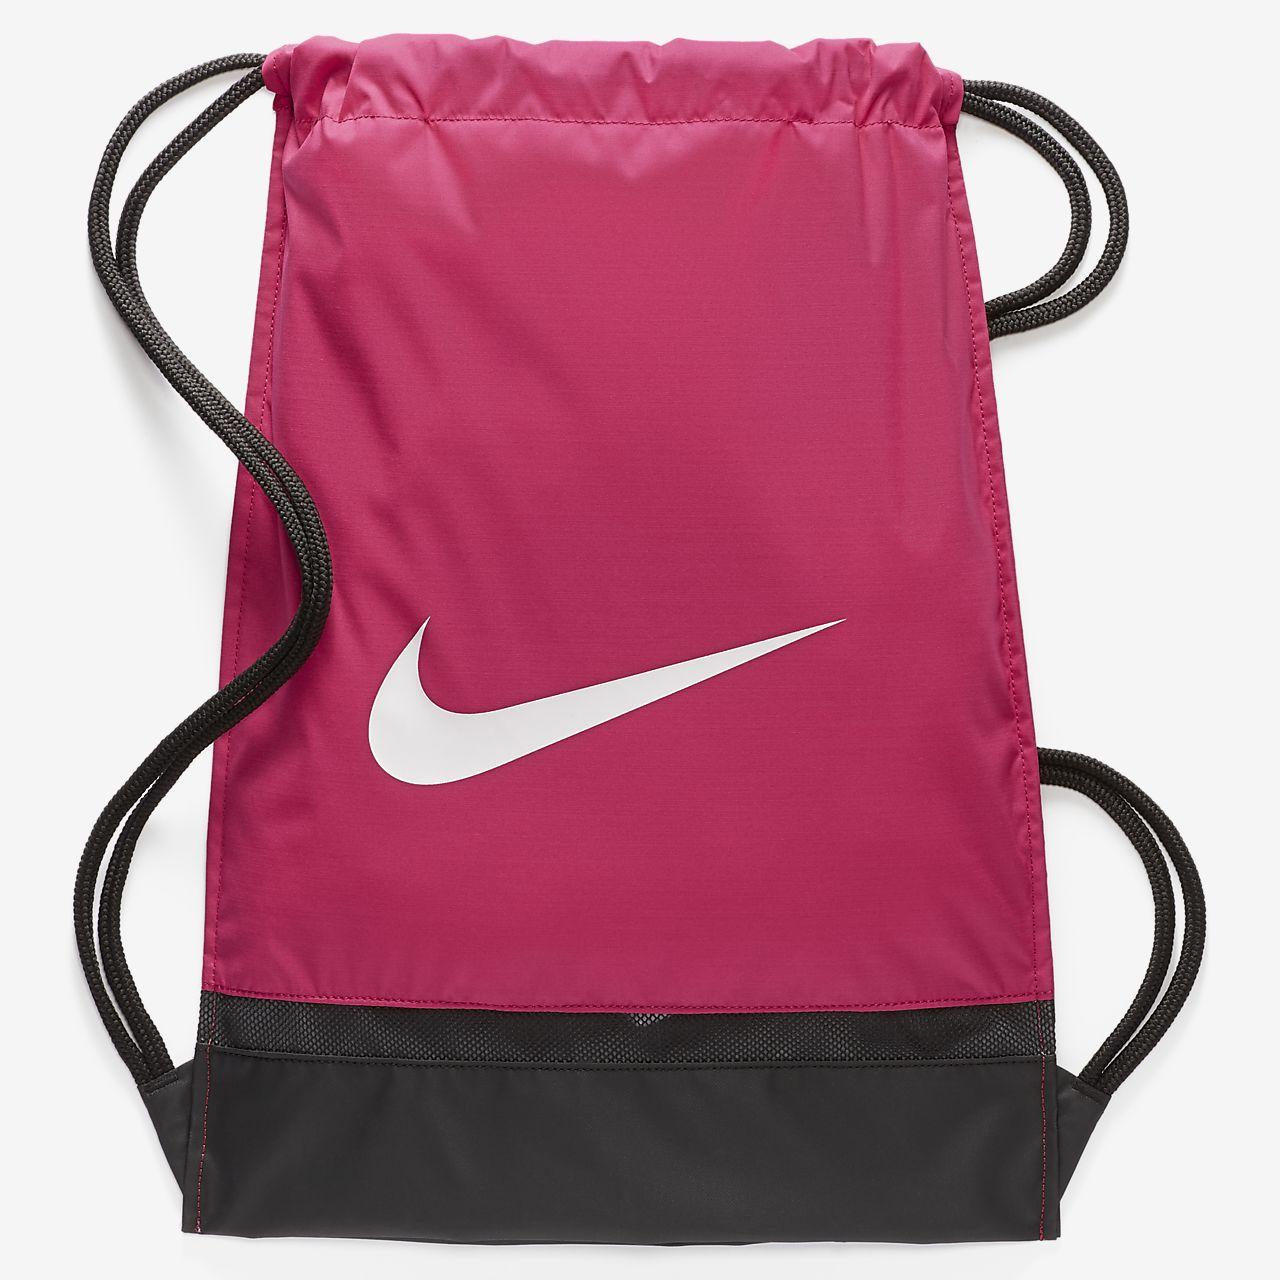 af85eed4b8 Σακίδιο γυμναστηρίου και προπόνησης Nike Brasilia. Nike.com GR